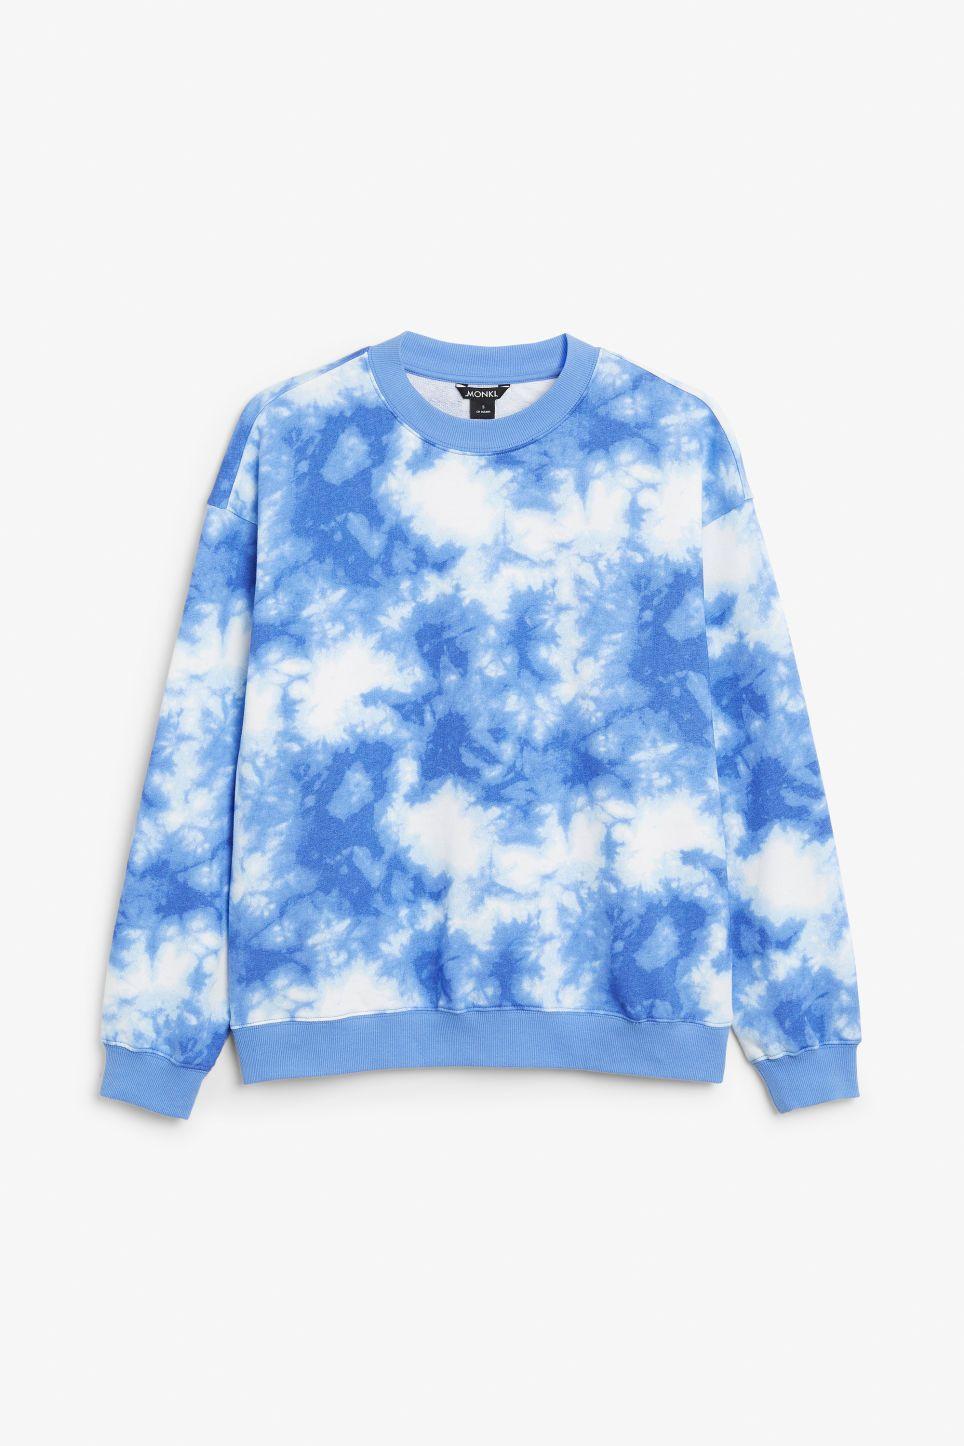 Monki Loose Fit Sweater Tie Dye Sweater Tie Dye Sweatshirt Outfit [ 1446 x 964 Pixel ]